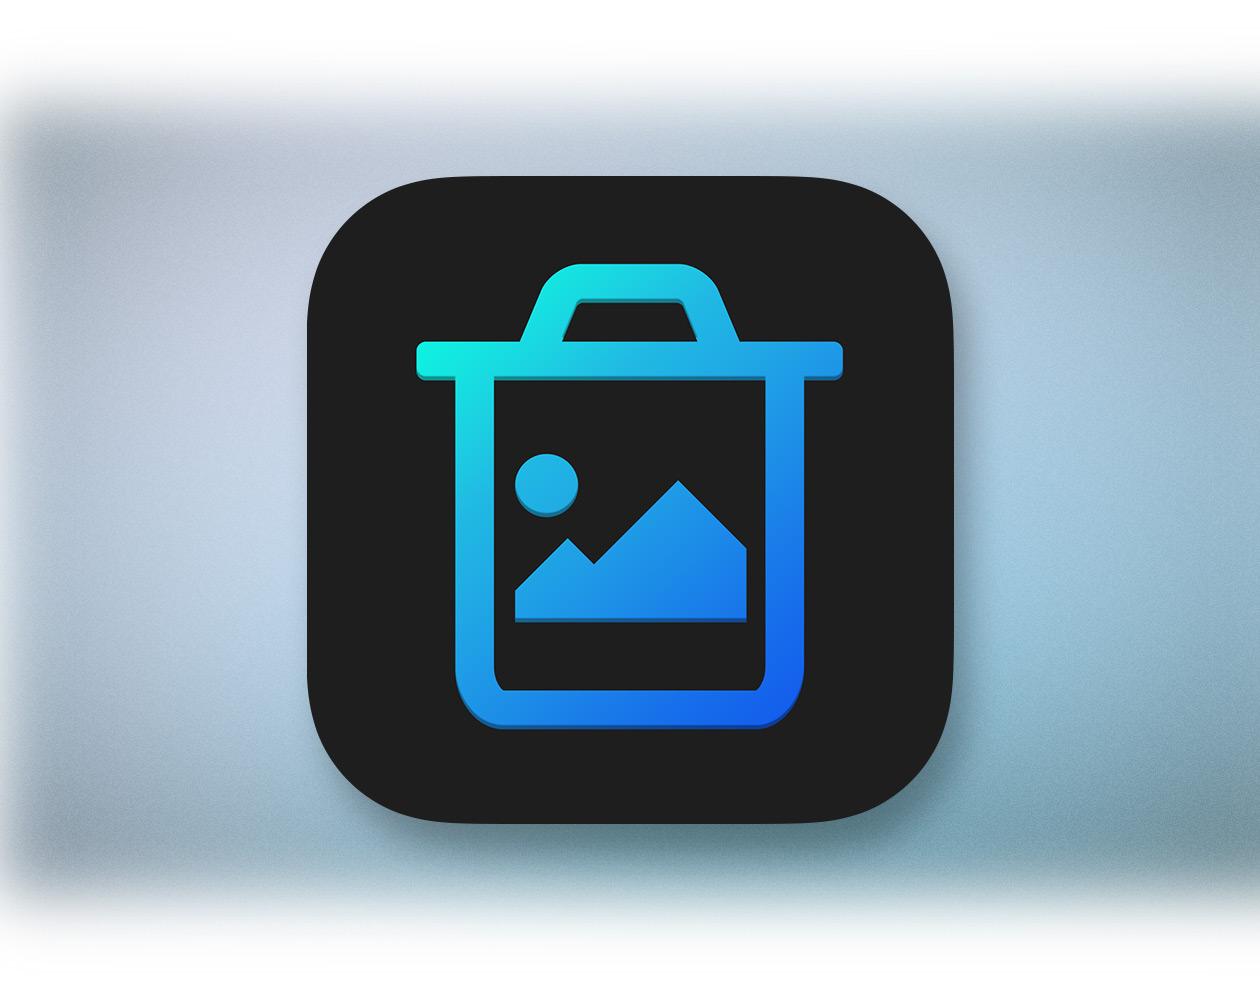 Cleanup для iOS позволит быстро удалить много фотографий из галереи